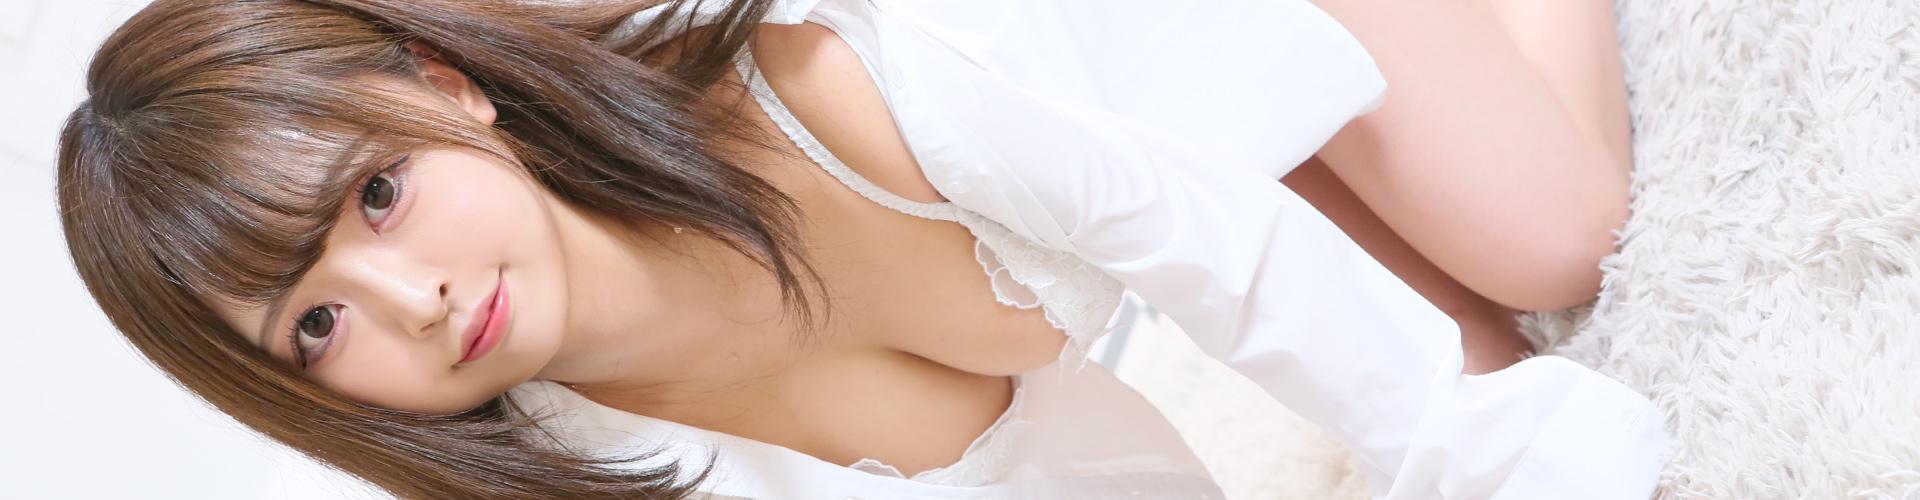 千葉風俗・千葉市発デリヘル風俗【キャンパスサミット千葉店】モデルうるみ写真